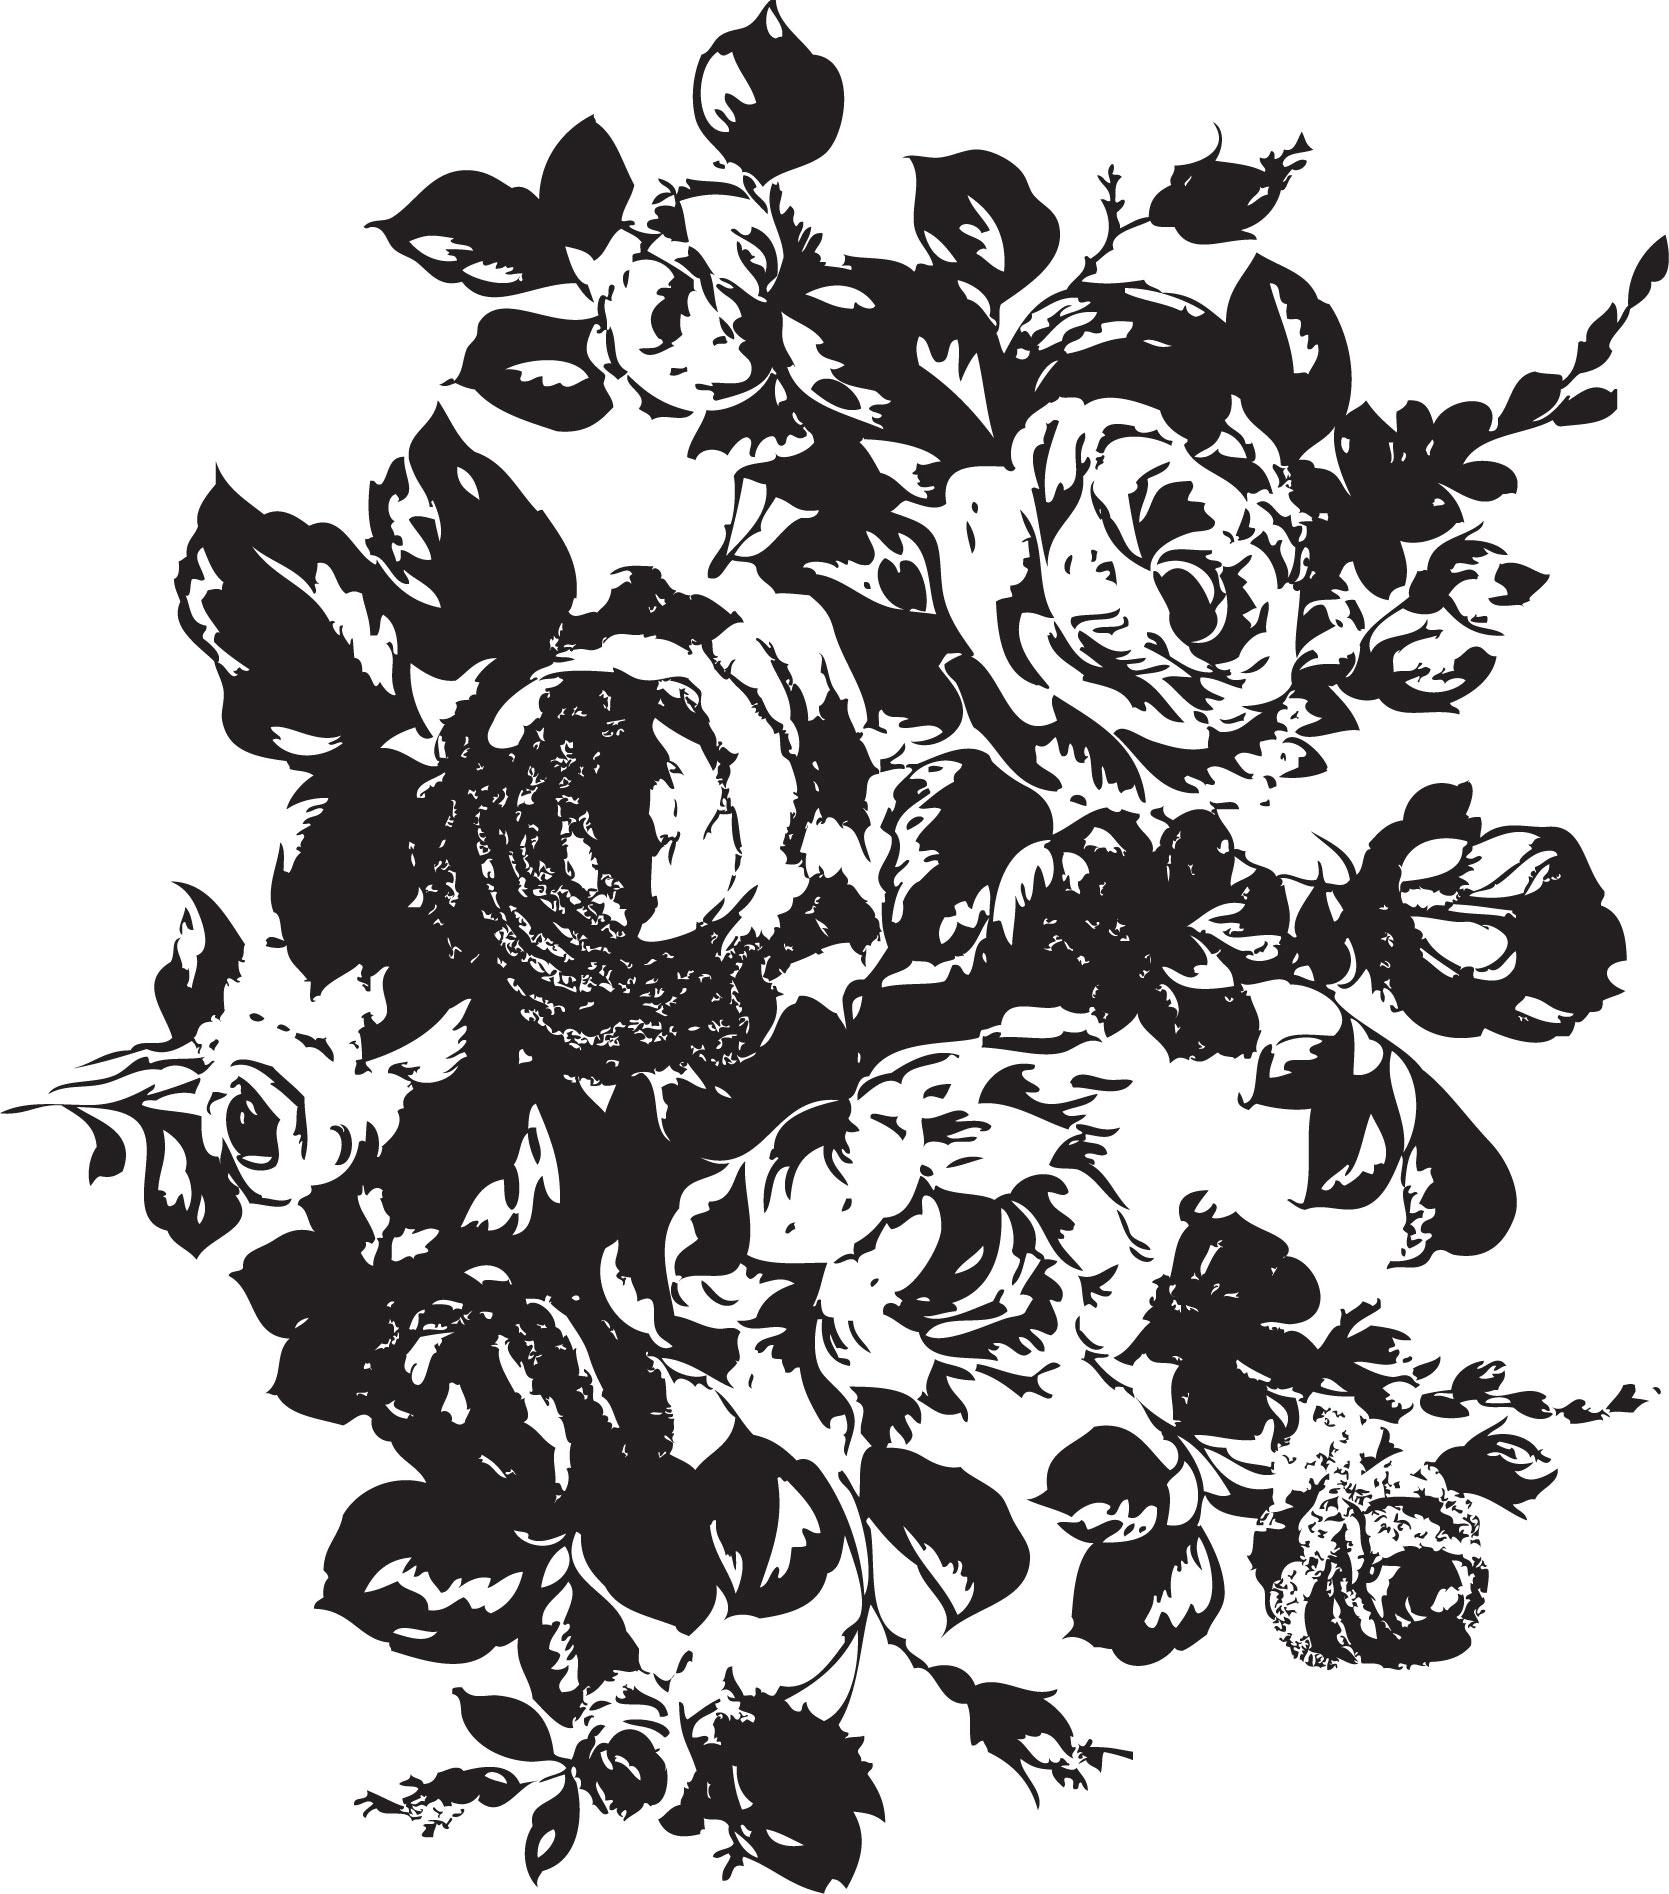 花のイラストフリー素材白黒モノクロno162バラの束